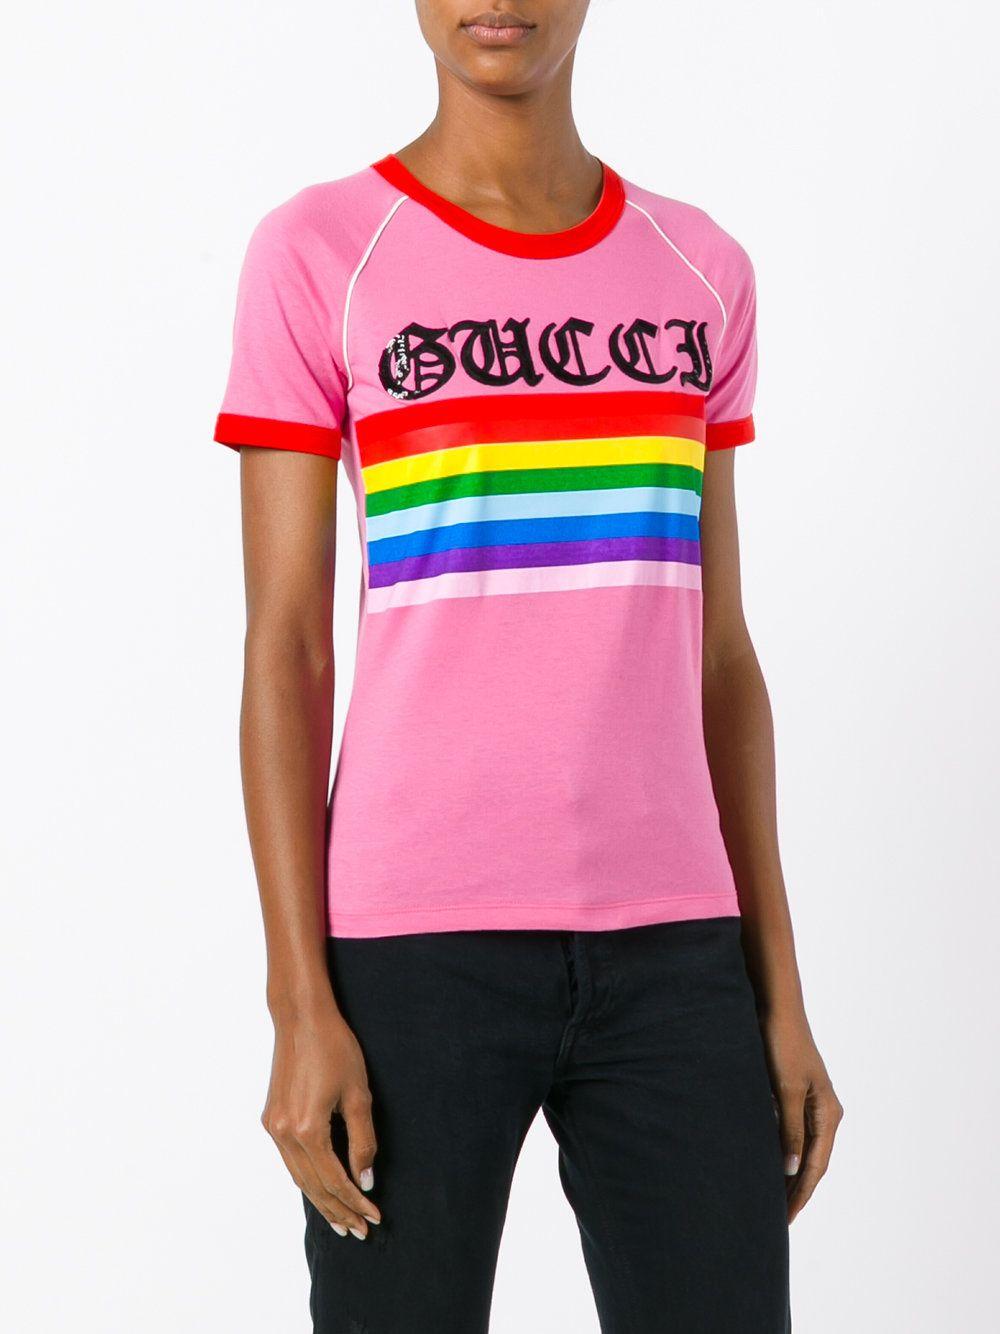 3fe4b0d42 Gucci Loved rainbow stripe t-shirt | [ B A S I C S / S I L O S ] | T ...